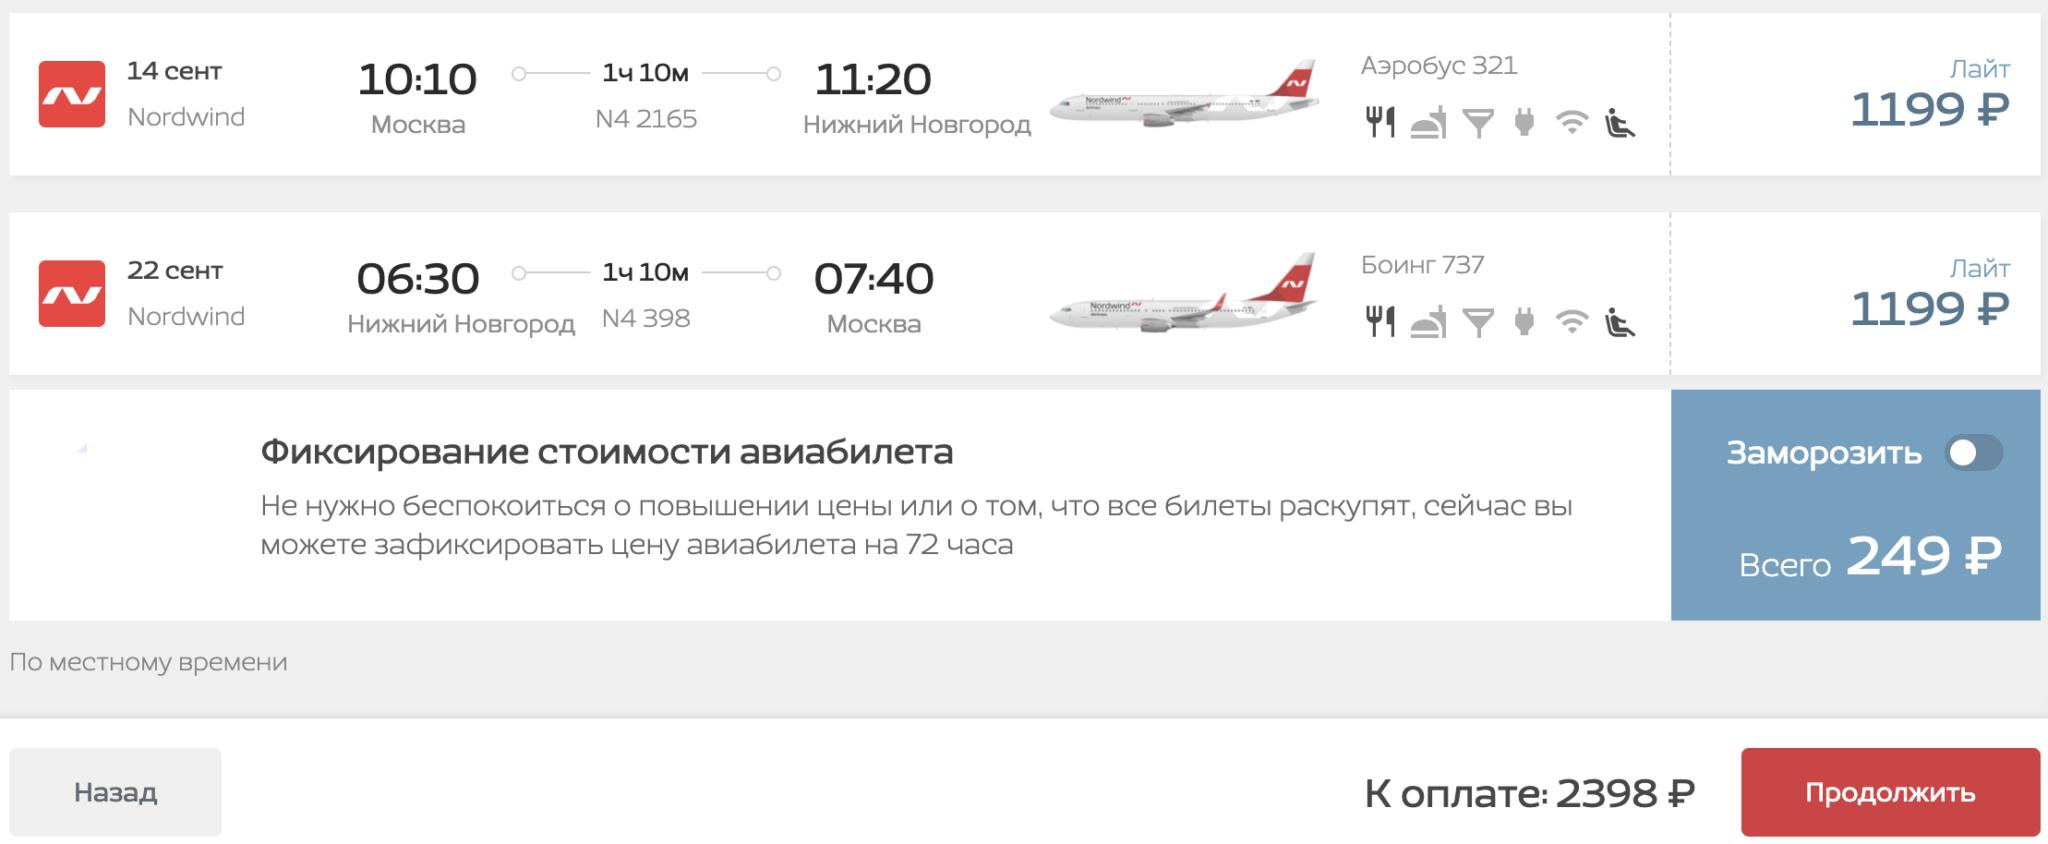 Распродажа Nordwind по России от 2400₽ туда-обратно с сентября по декабрь